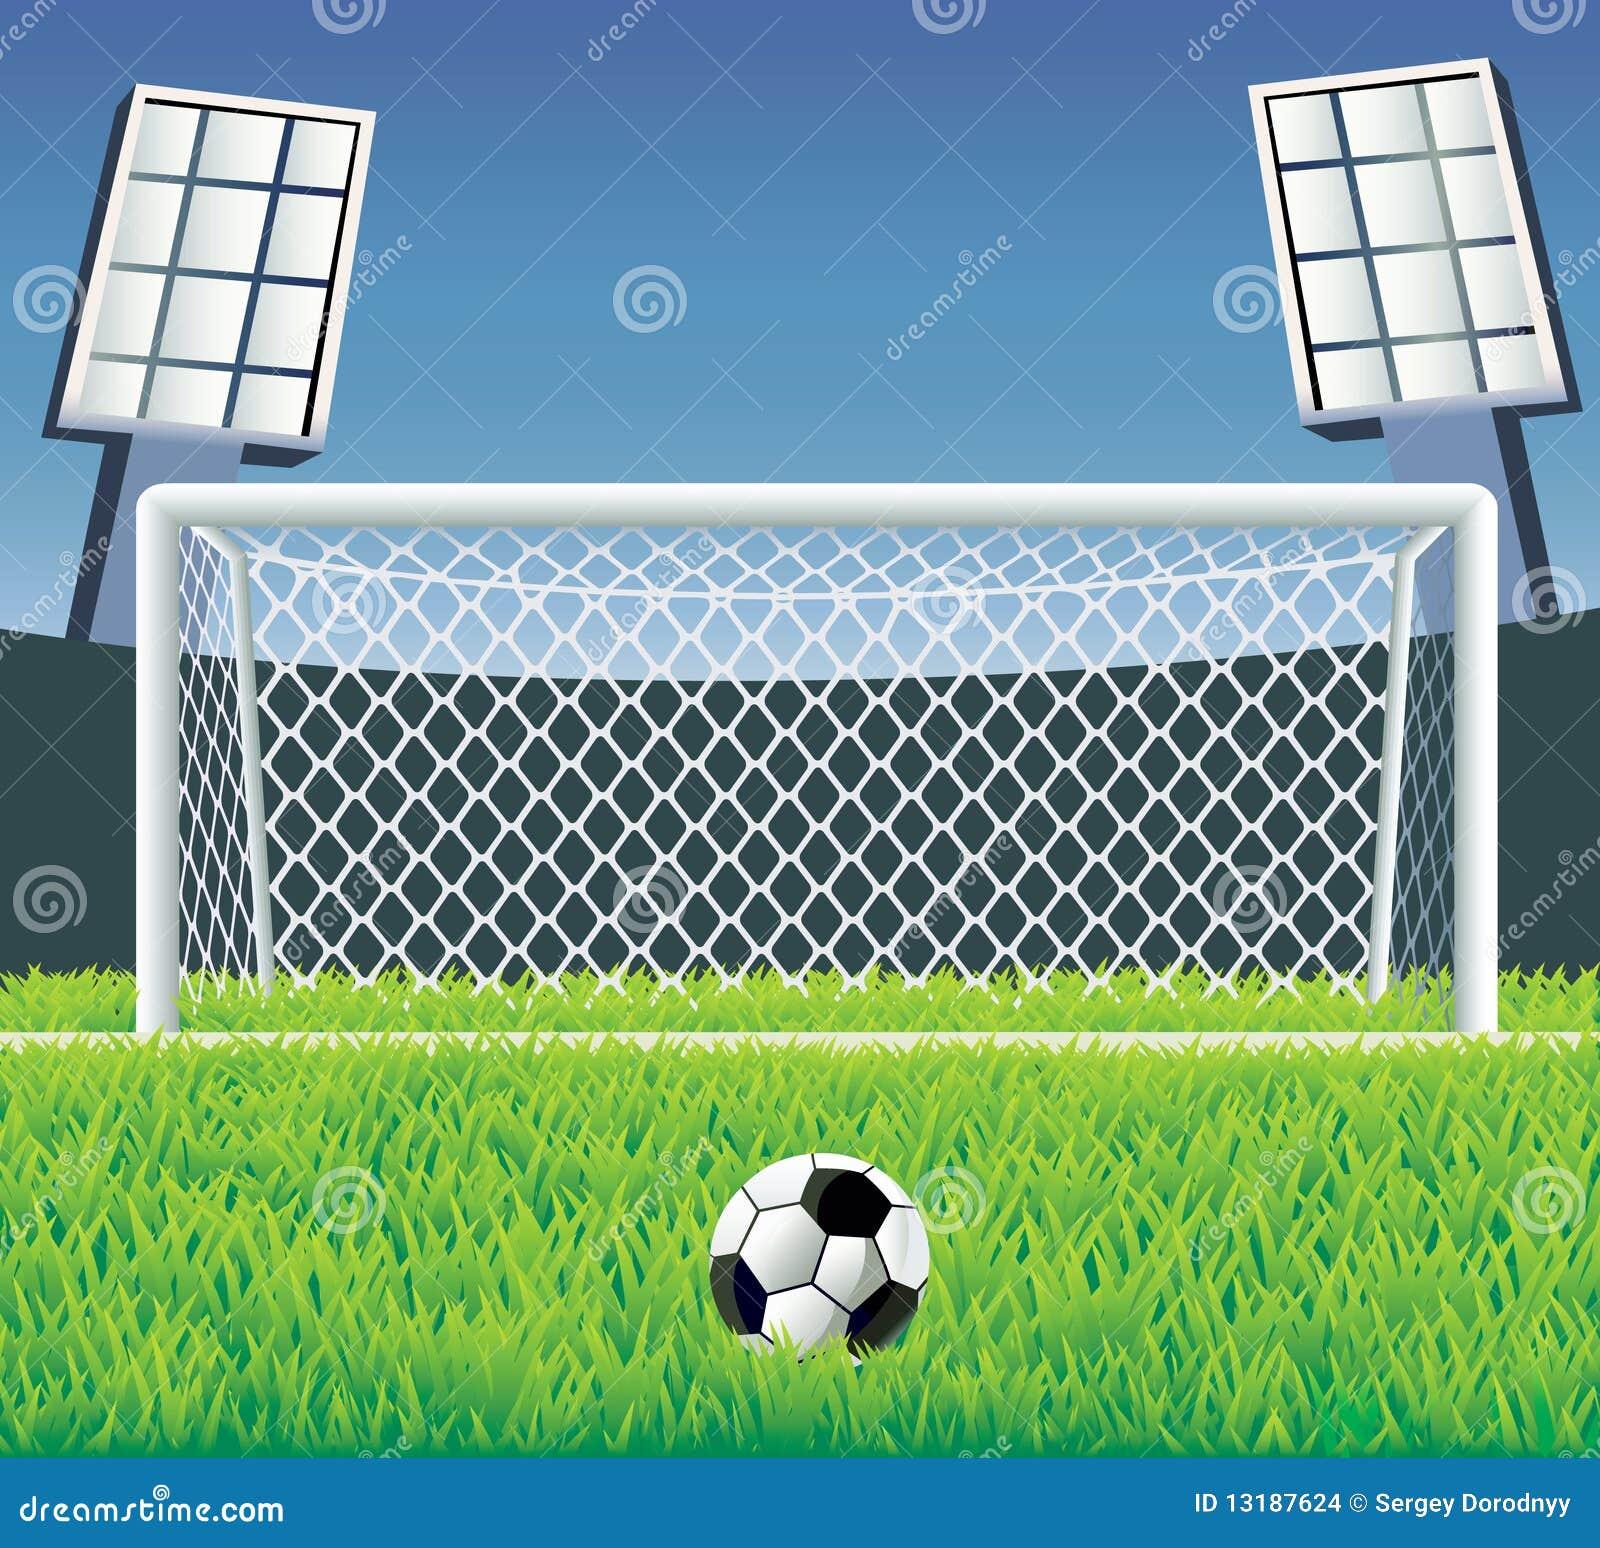 goals net: